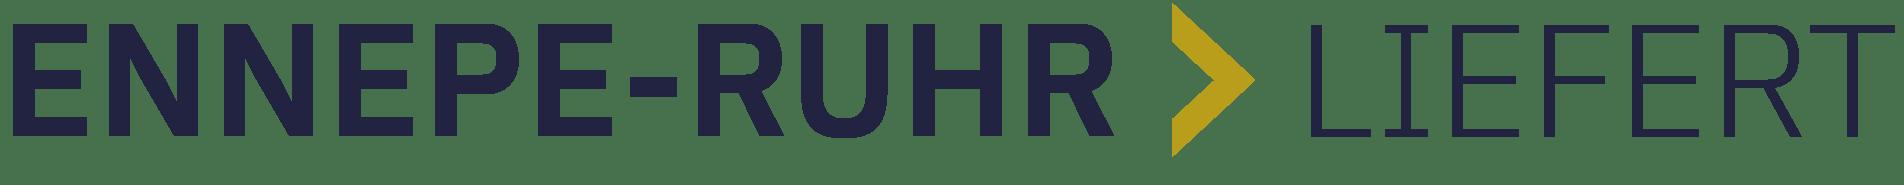 ENNEPE-RUHR-LIEFERT